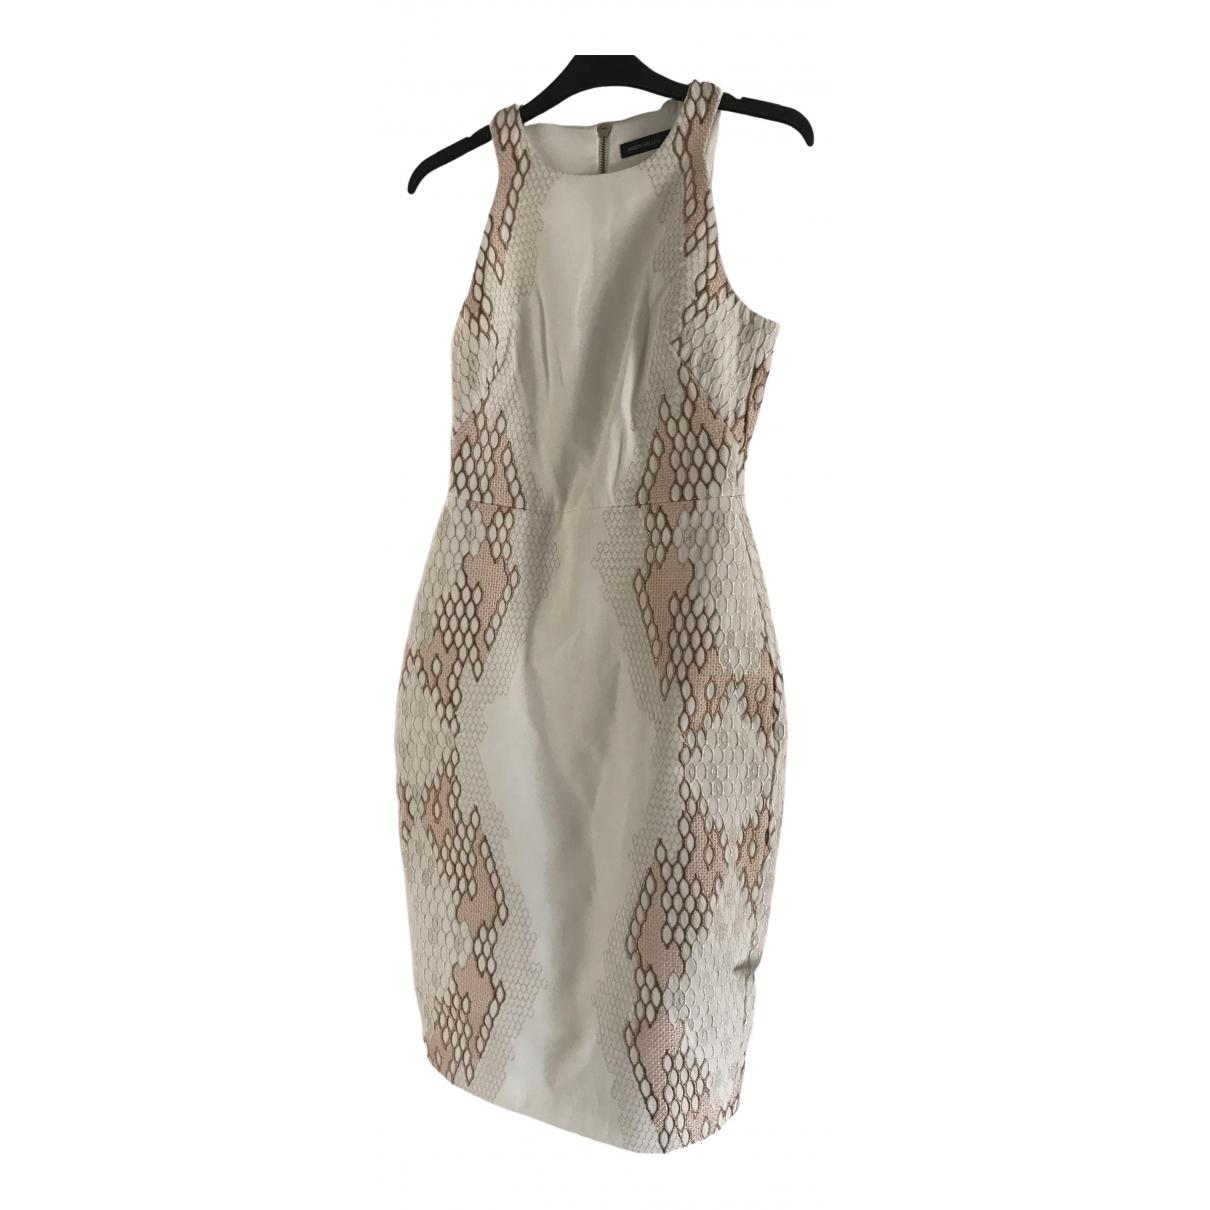 Karen Millen \N Kleid in  Weiss Synthetik